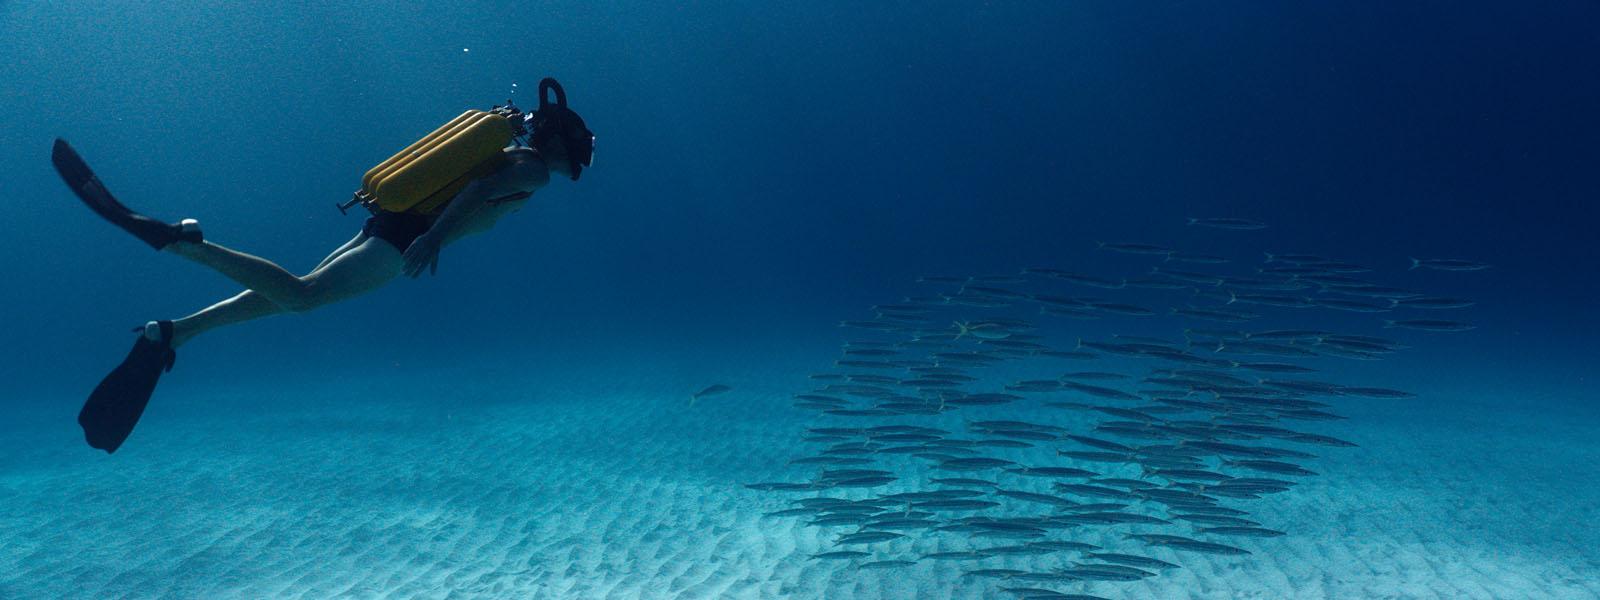 Les plans sous-marins sont juste magnifiques